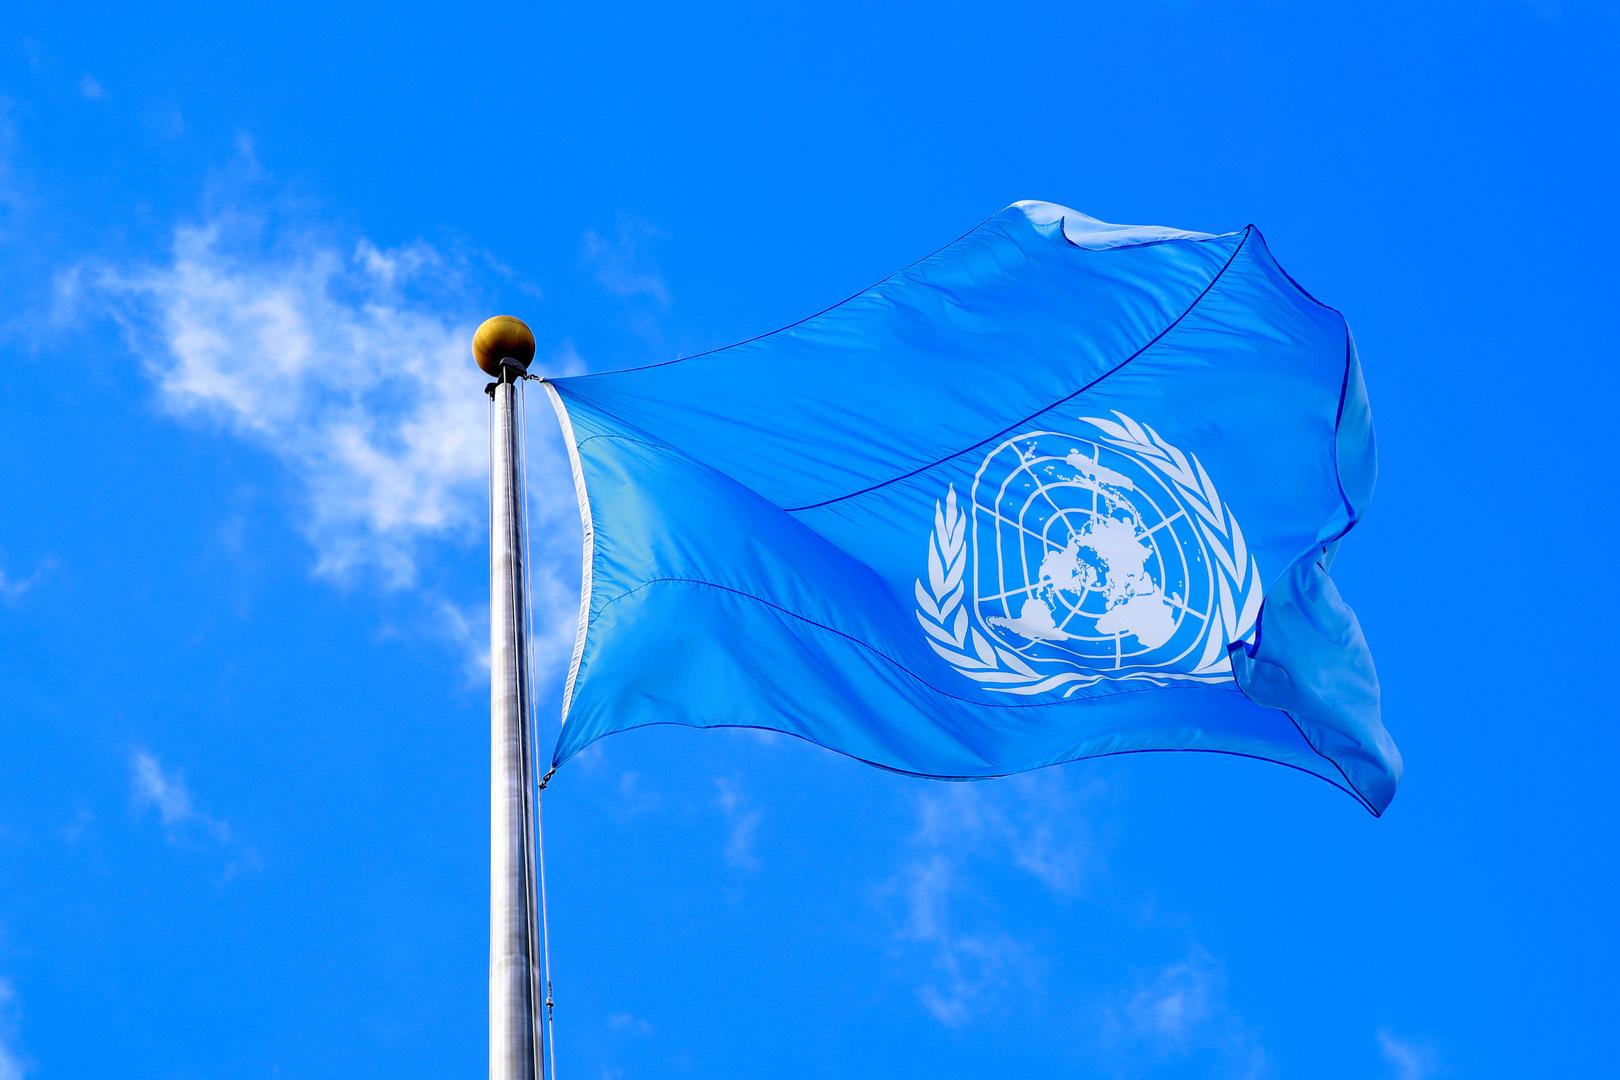 الجمعية العامة للأمم المتحدة تبحث اليوم مكافحة فيروس كورونا